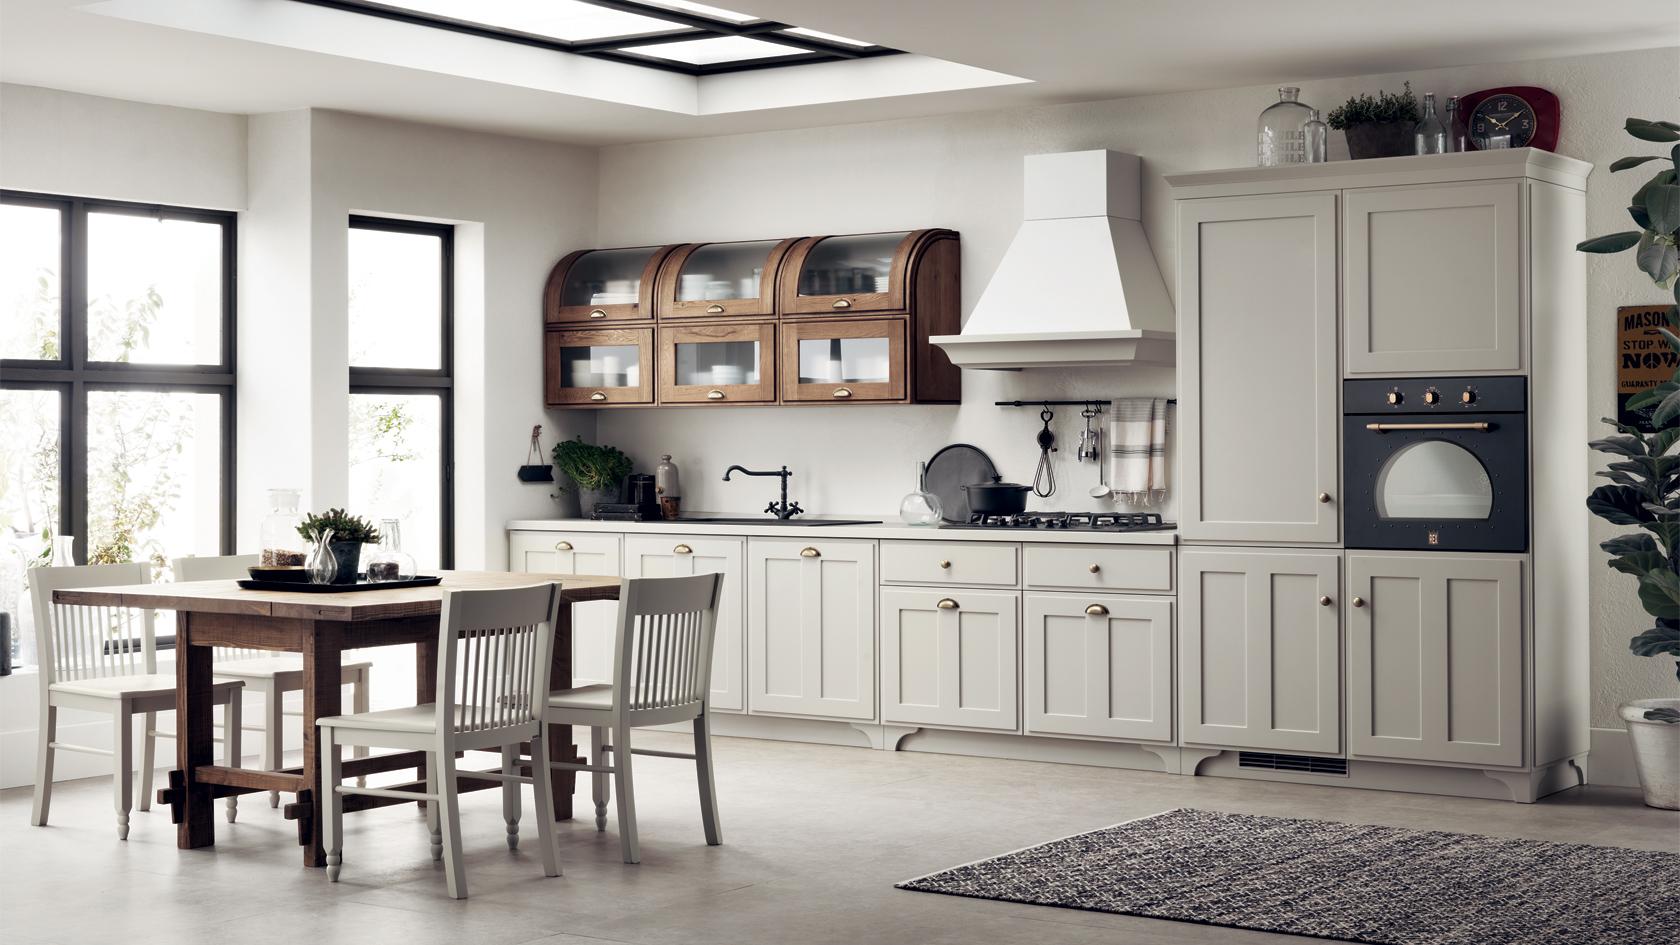 Best Tavoli Cucina Scavolini Images - Home Interior Ideas ...